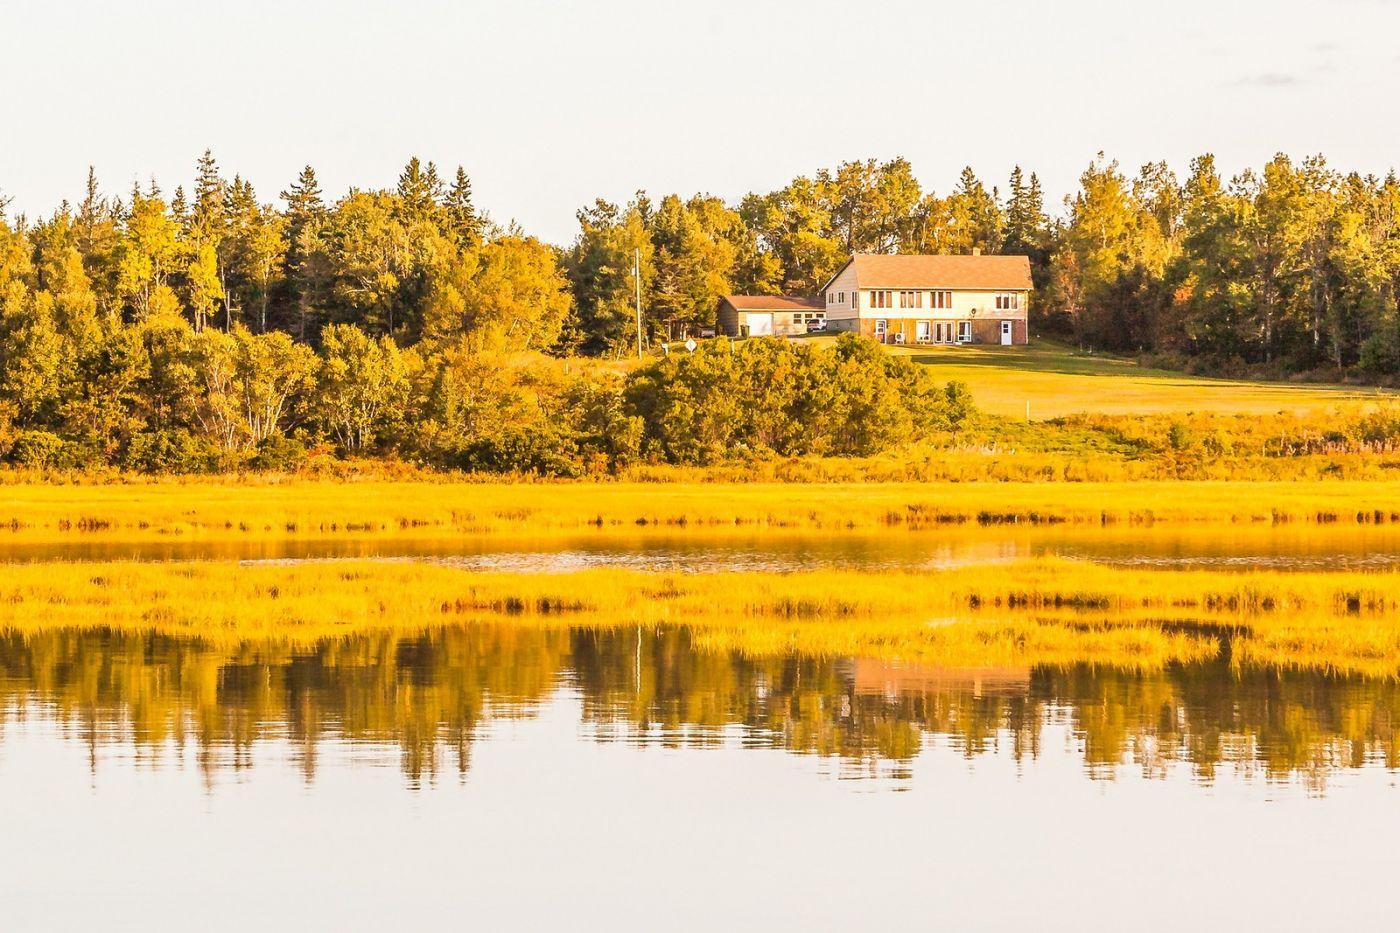 加拿大路途,一路看景_图1-5